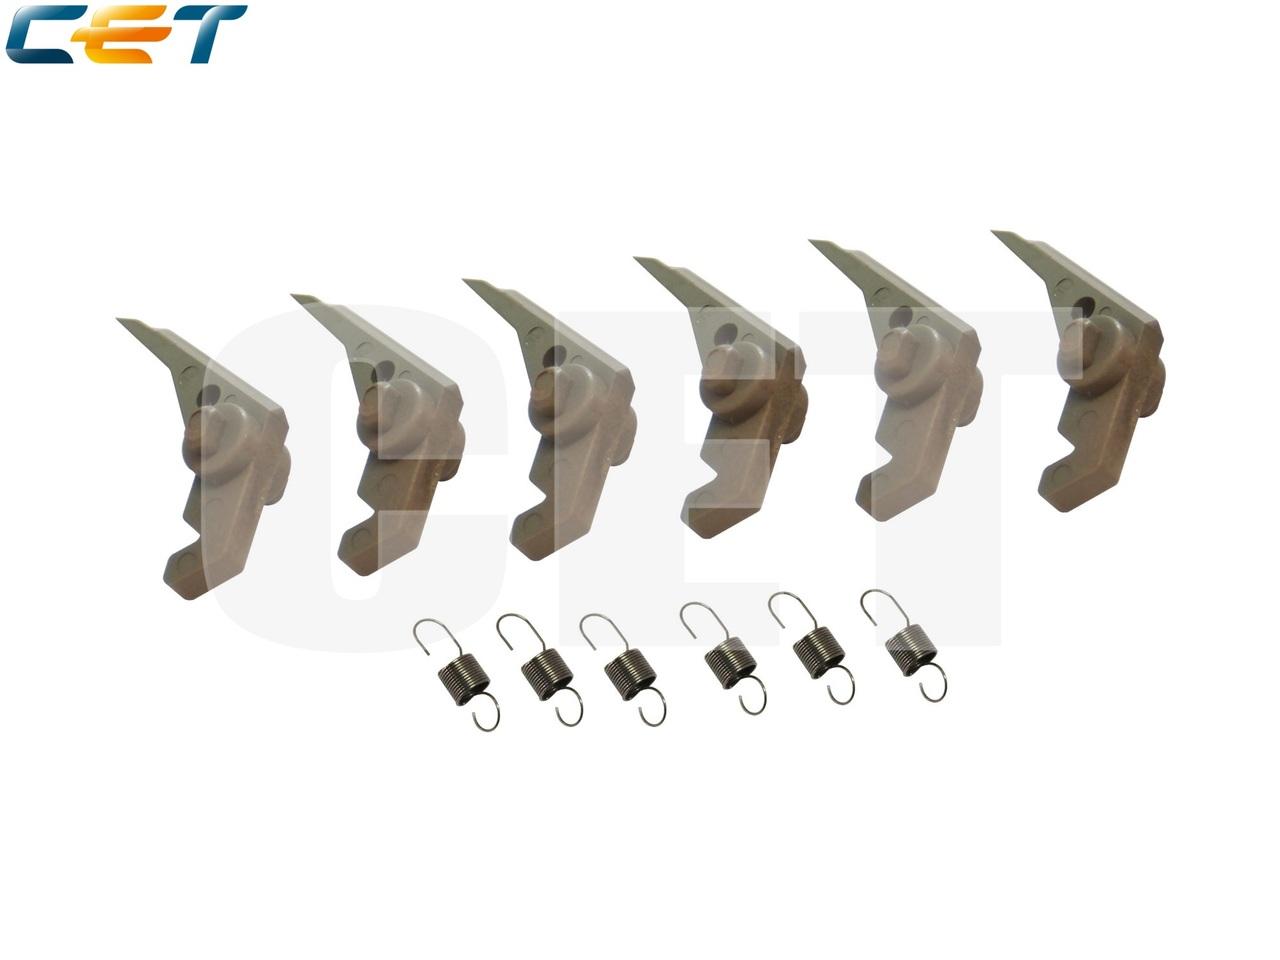 Сепаратор тефлонового вала с пружиной 4402491630 дляTOSHIBA E-Studio 550/650/810 (CET), CET7411